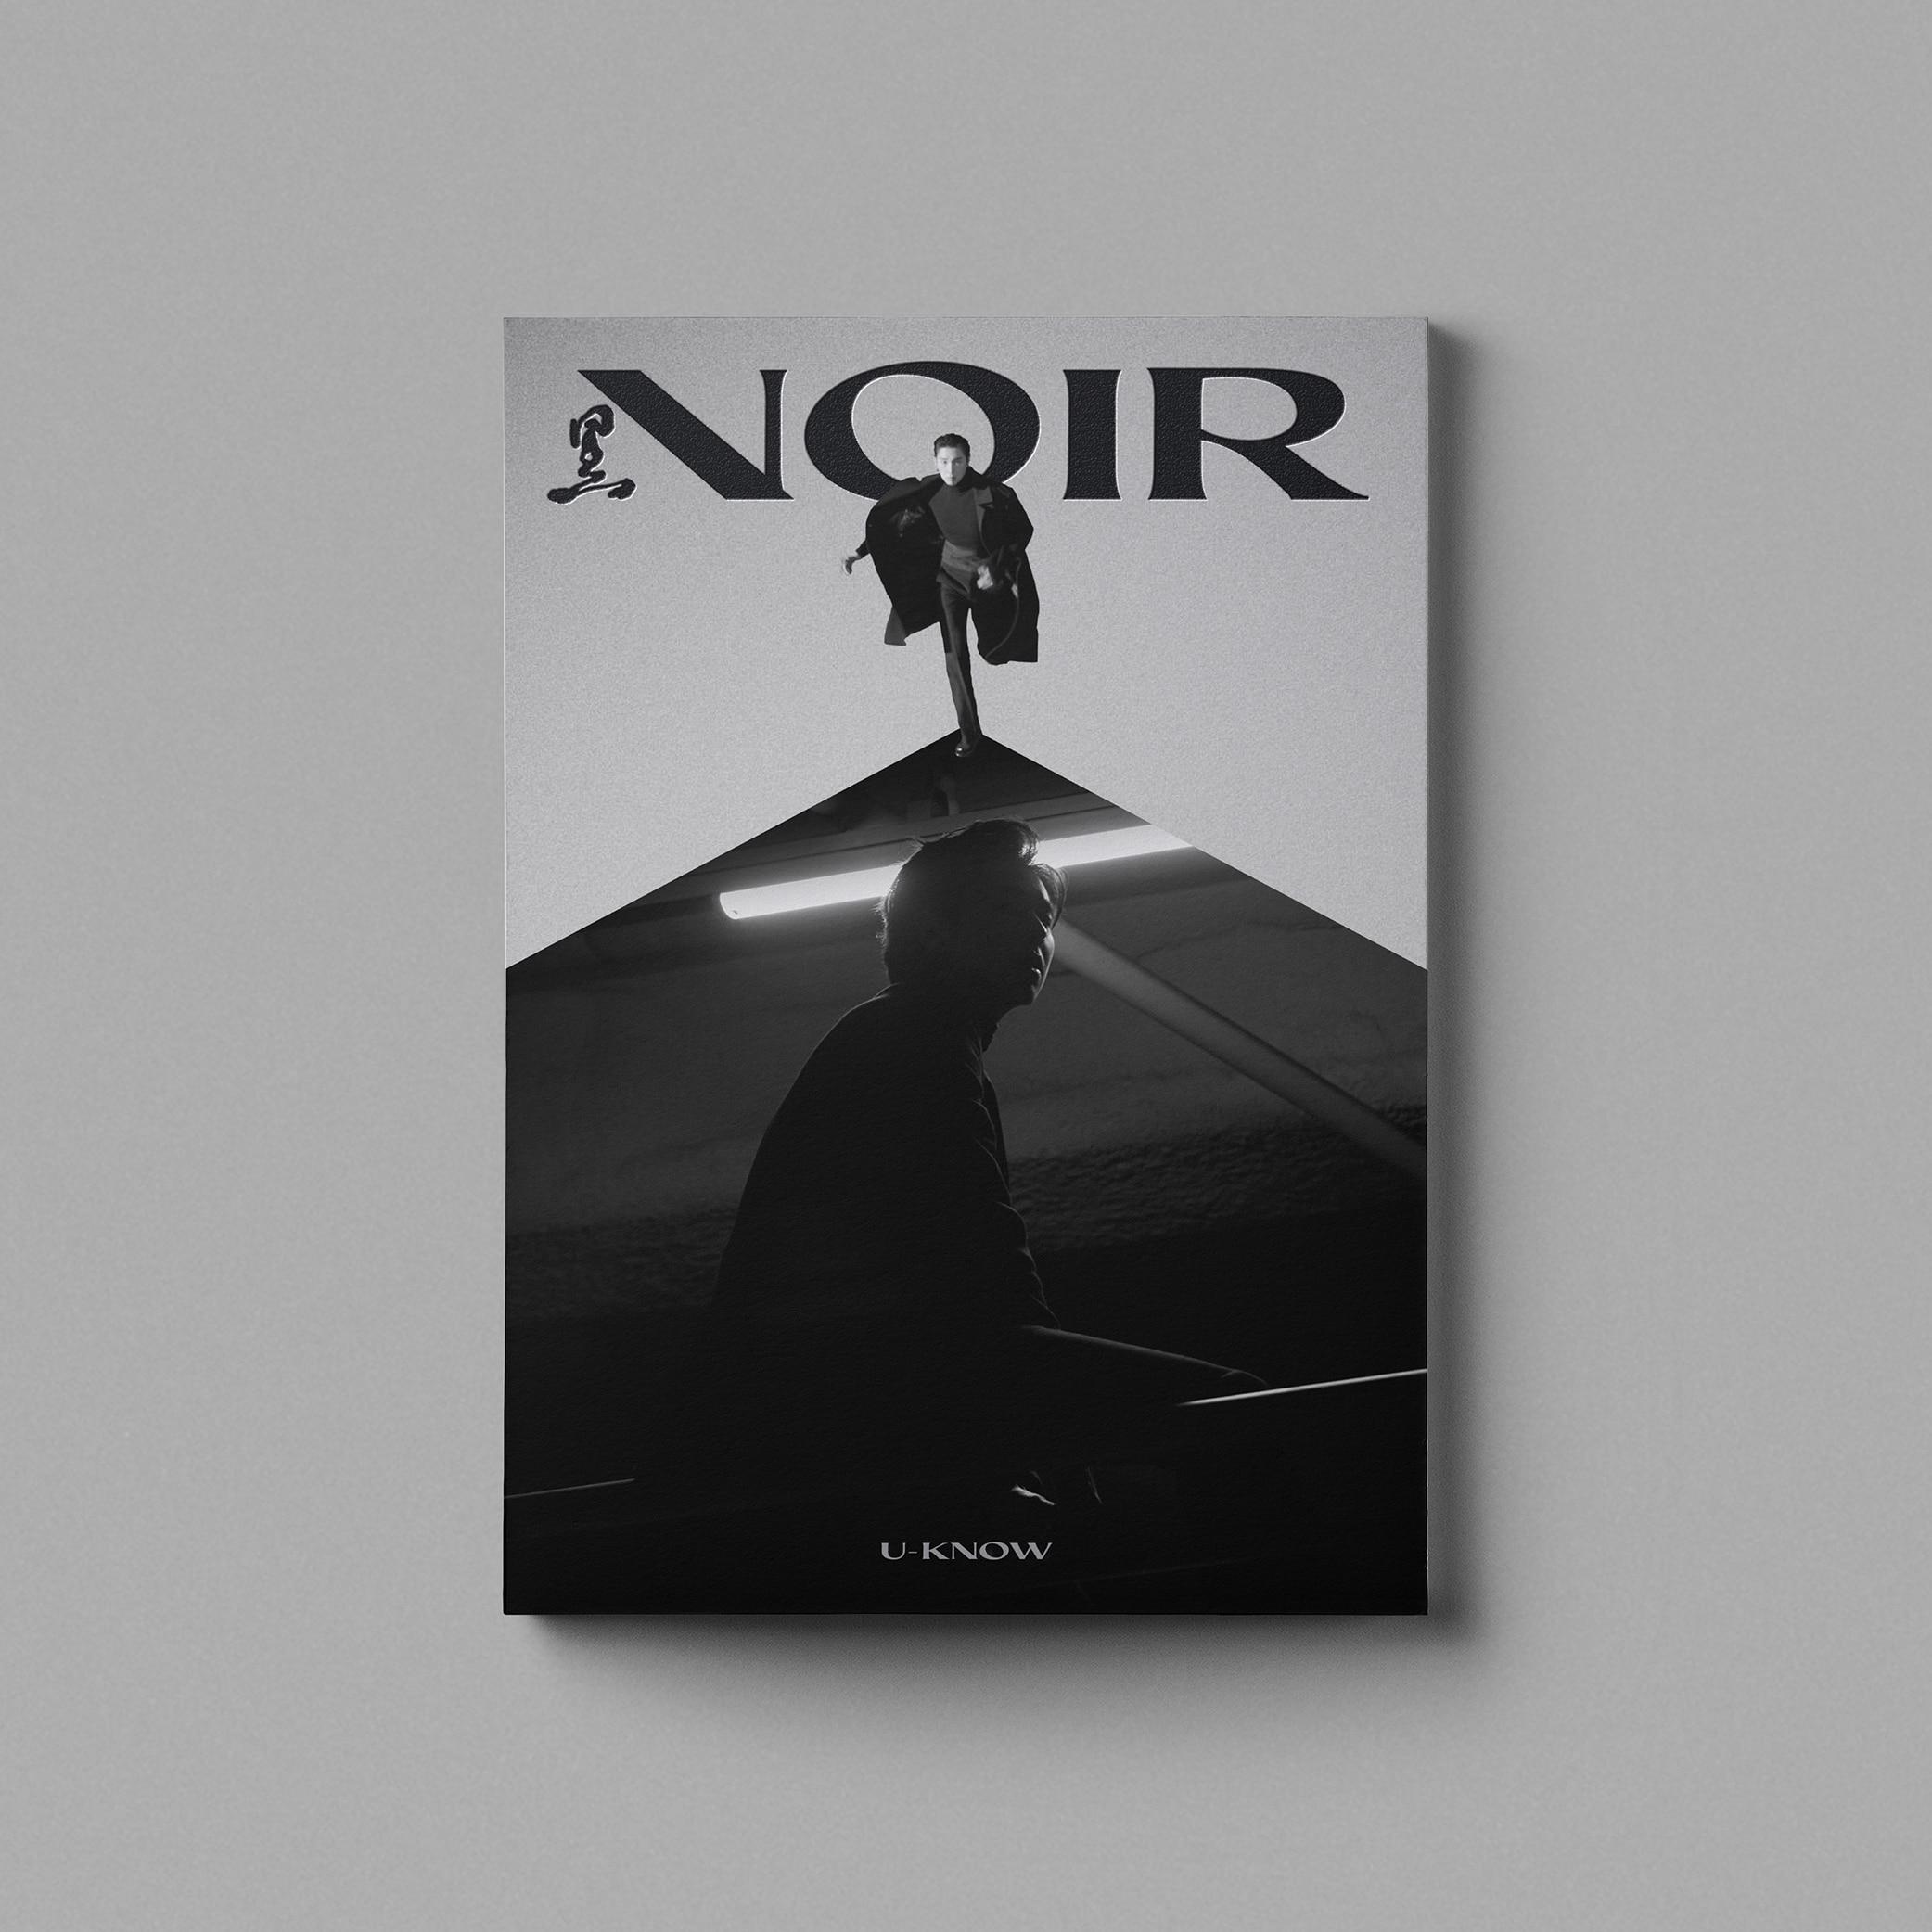 유노윤호 - 미니앨범 2집 [NOIR] (Crank In 버전)케이팝스토어(kpop store)